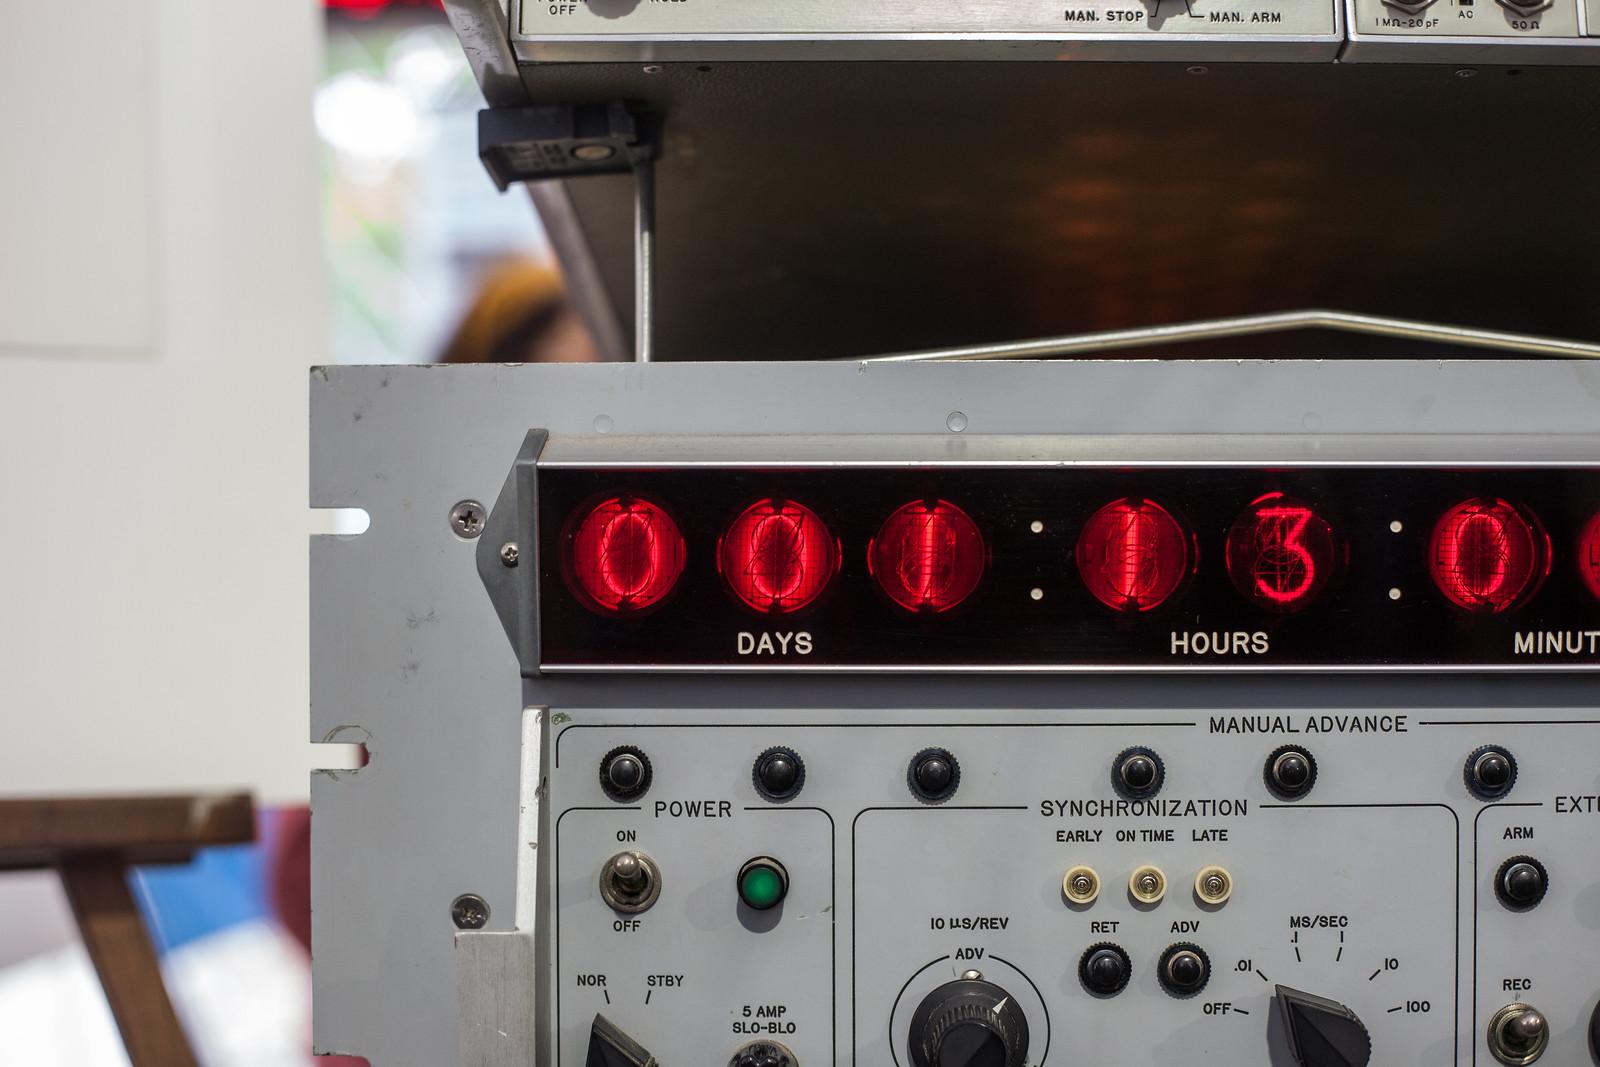 Days, Hours, Minutes by wwward0